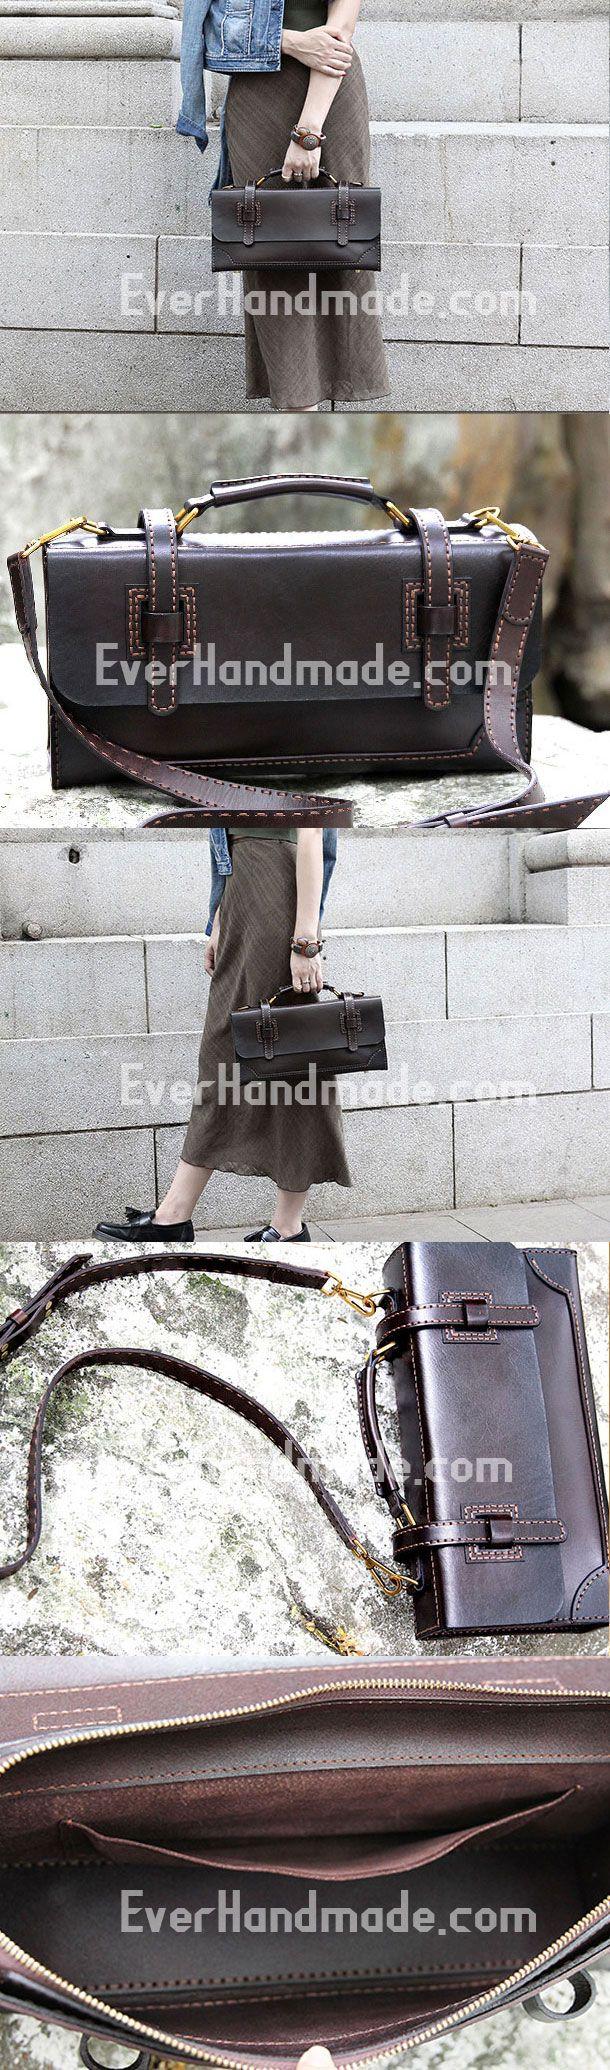 Handmade messenger bag satchel purse leather crossbody bag shoulder